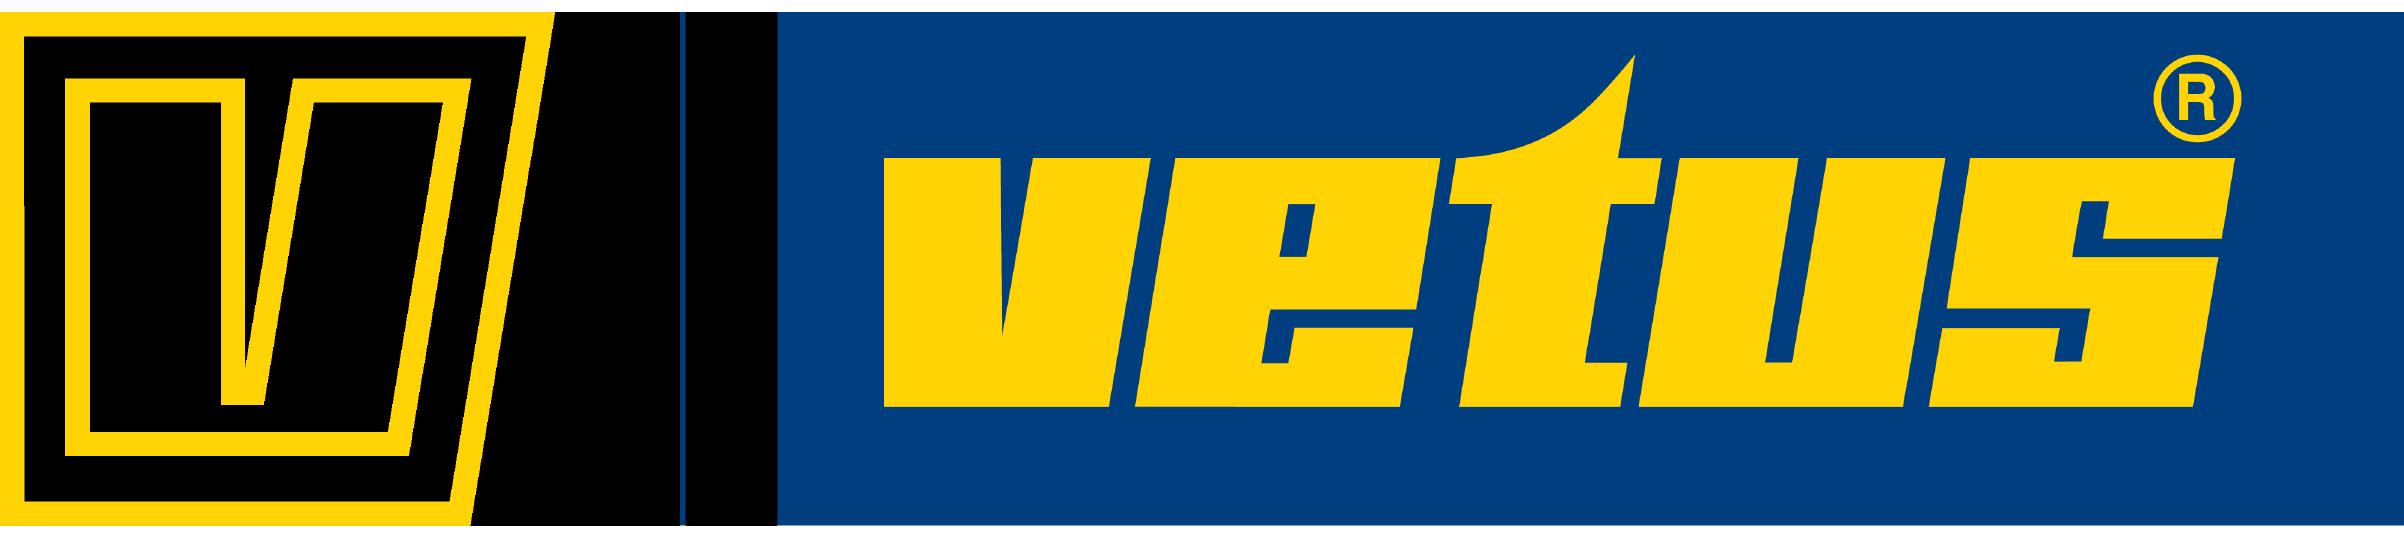 vetus_logo_transparant